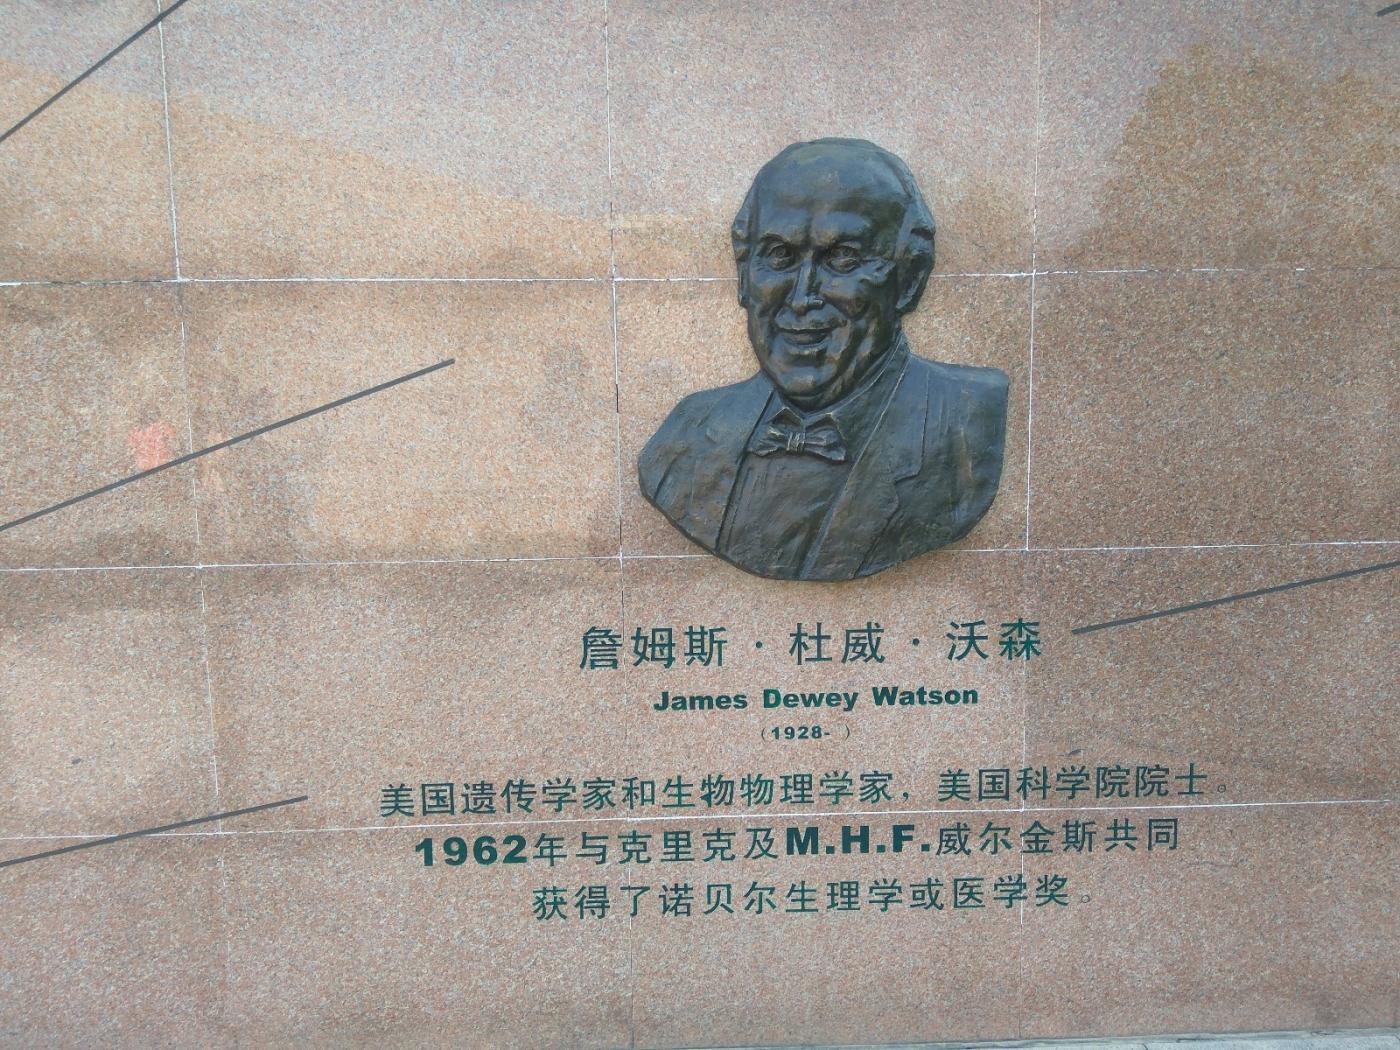 群雕:中外医学大师(图)_图1-19